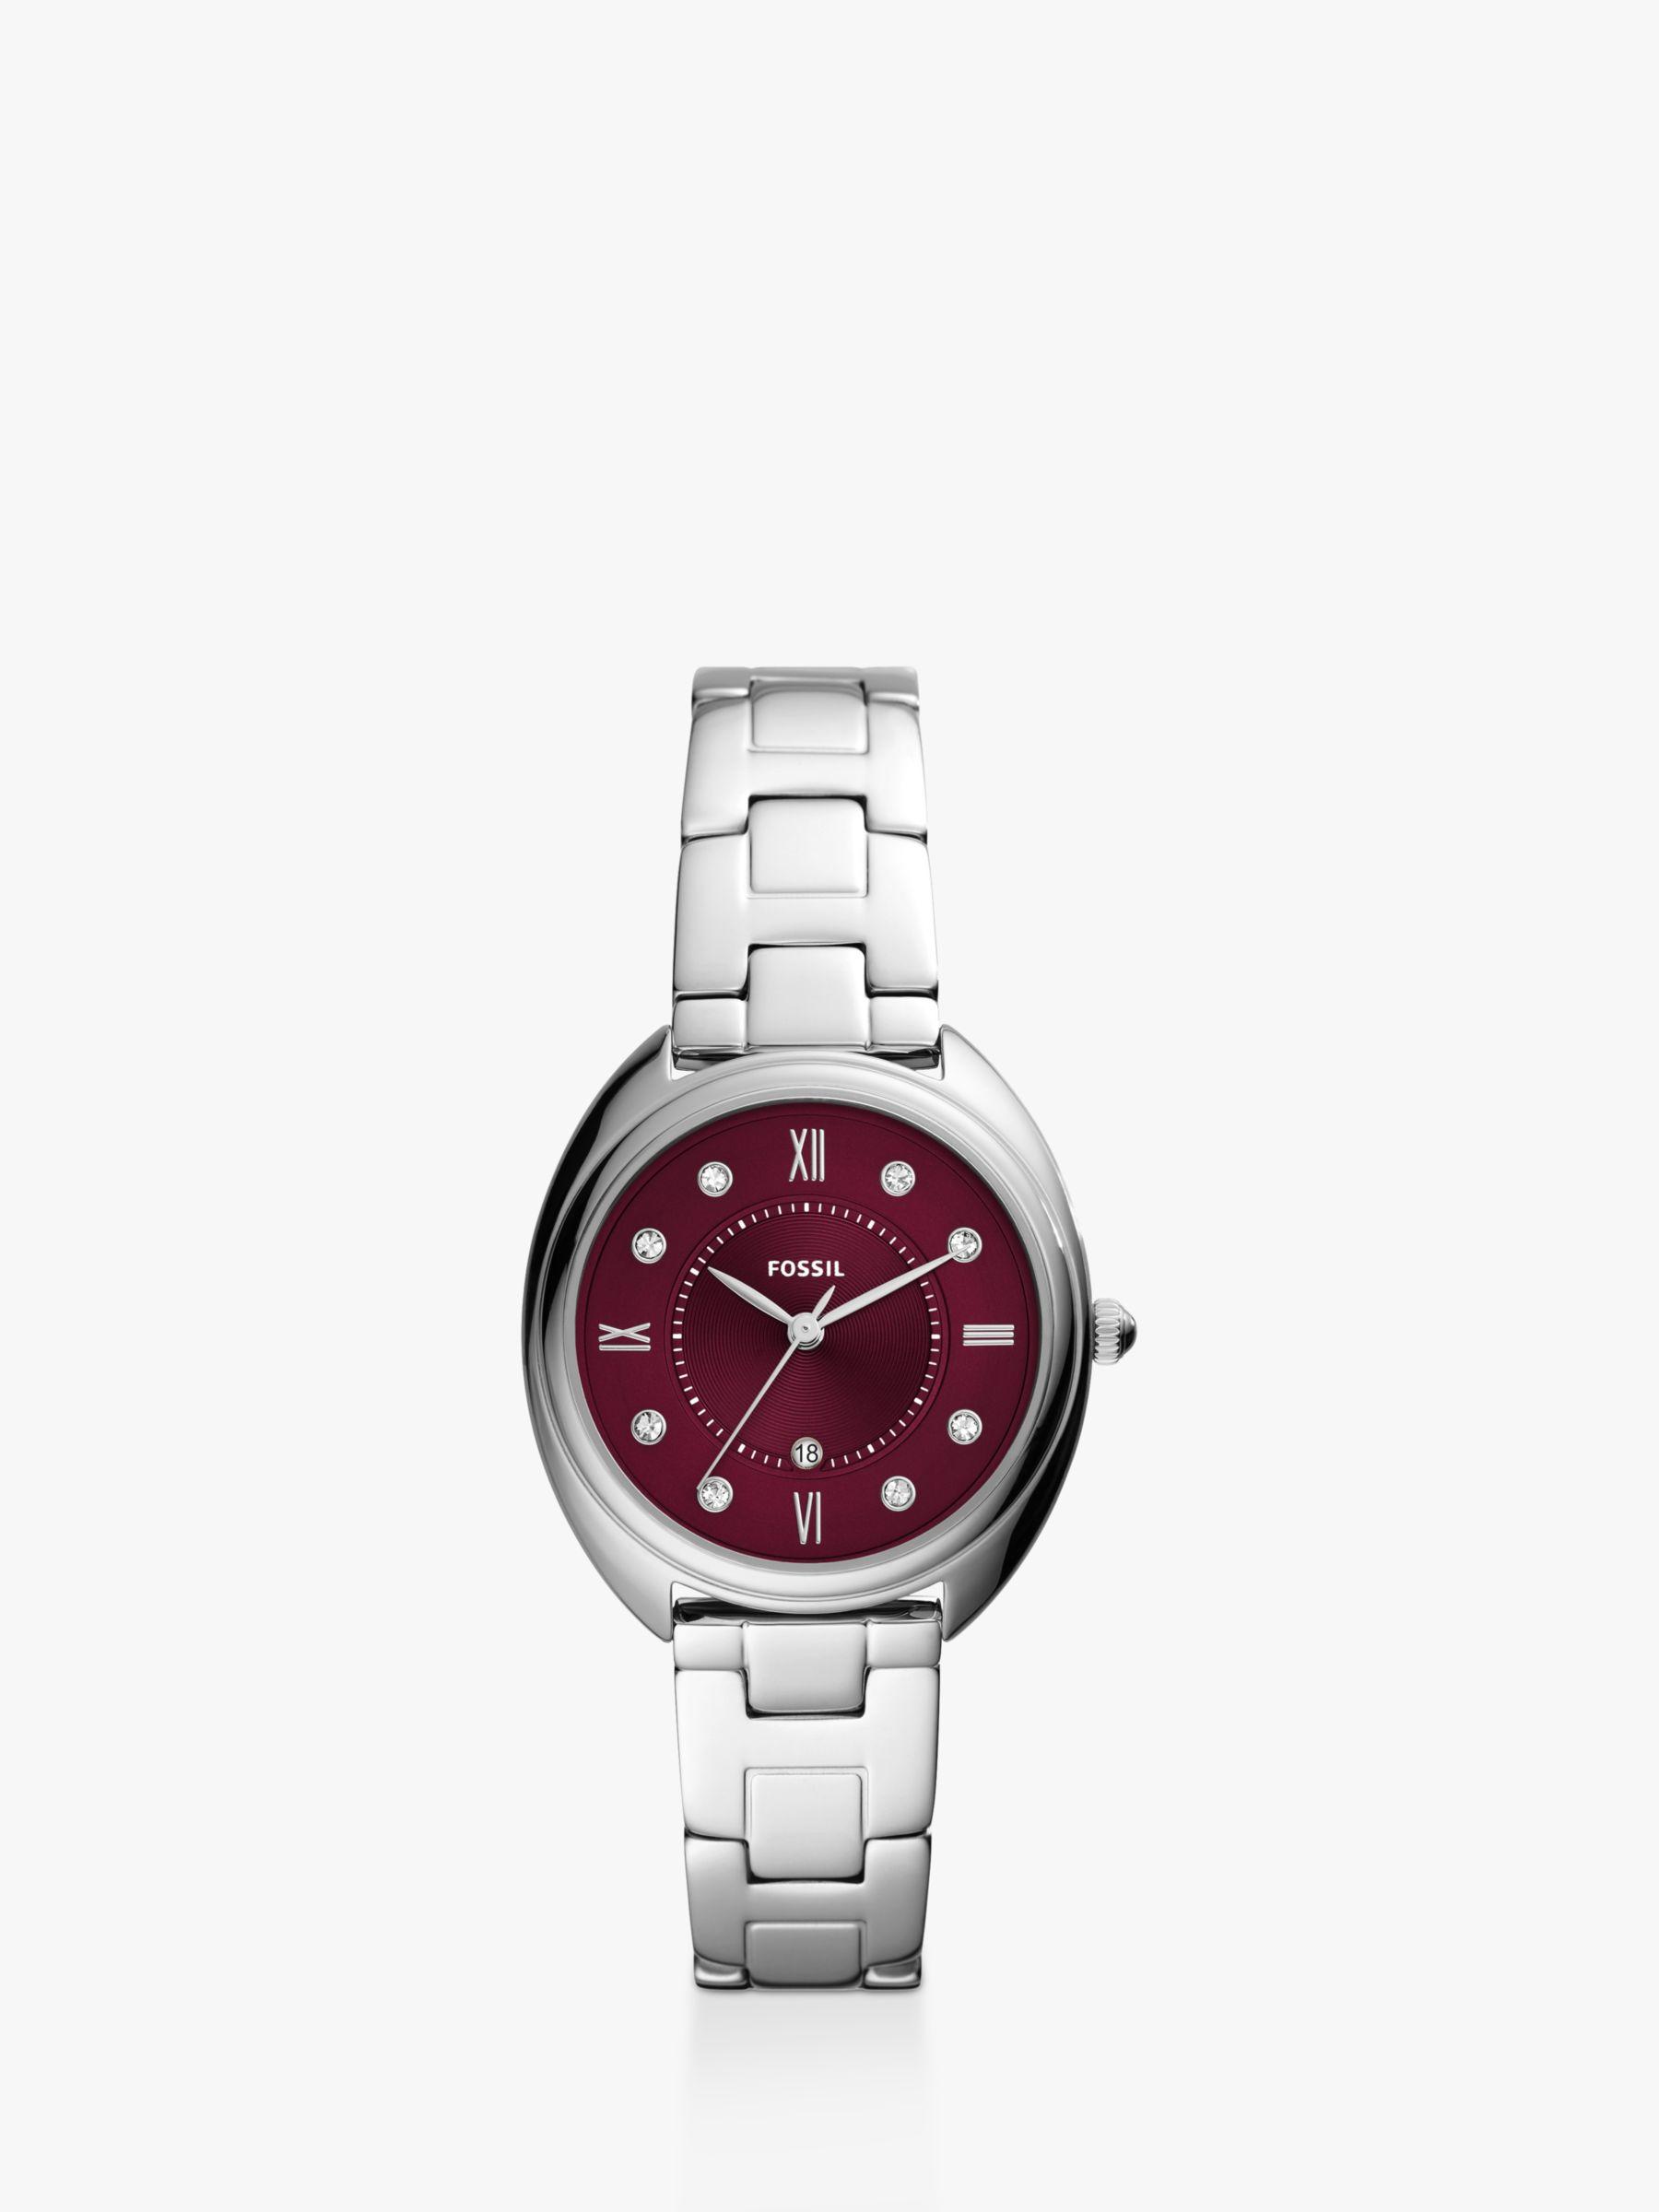 Fossil Fossil Women's Jacqueline Crystal Date Bracelet Strap Watch